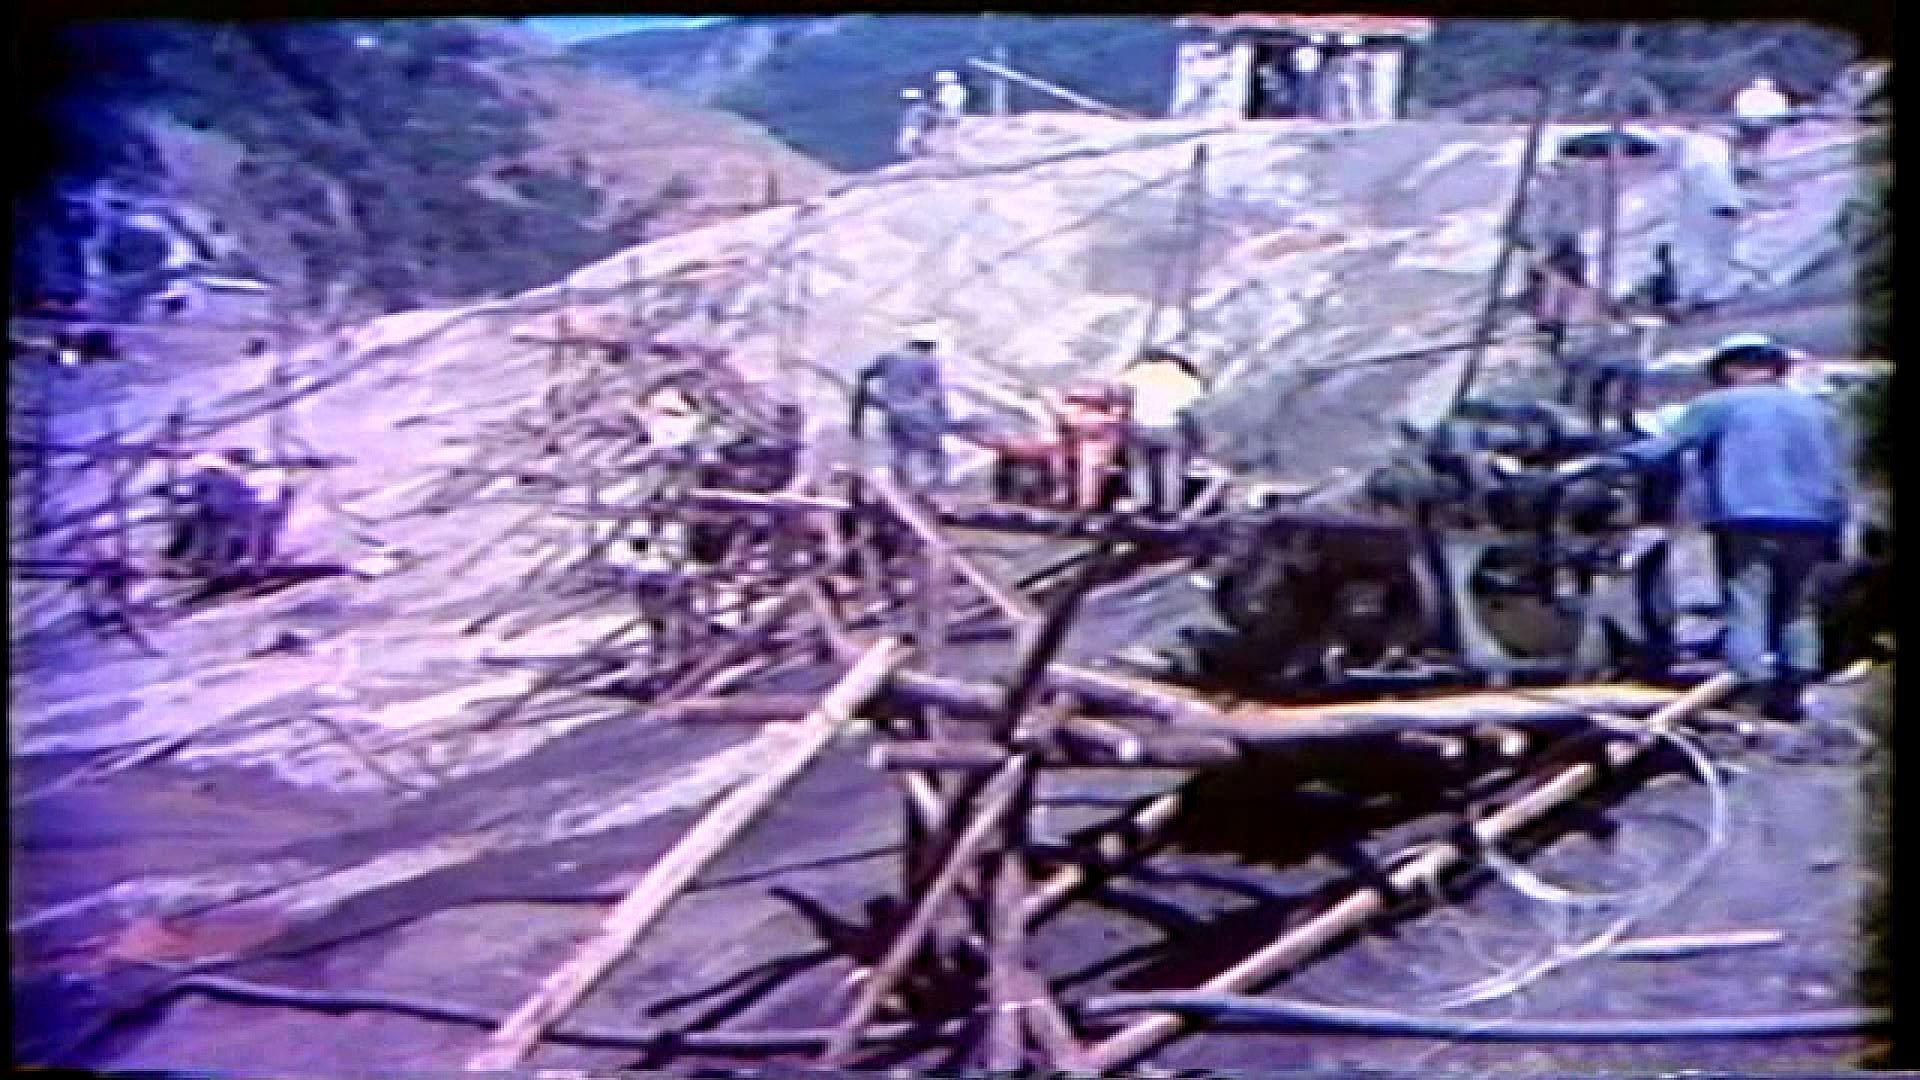 榮工處承辦之曾文水庫工程進行遮幕灌漿帶的測量與施工